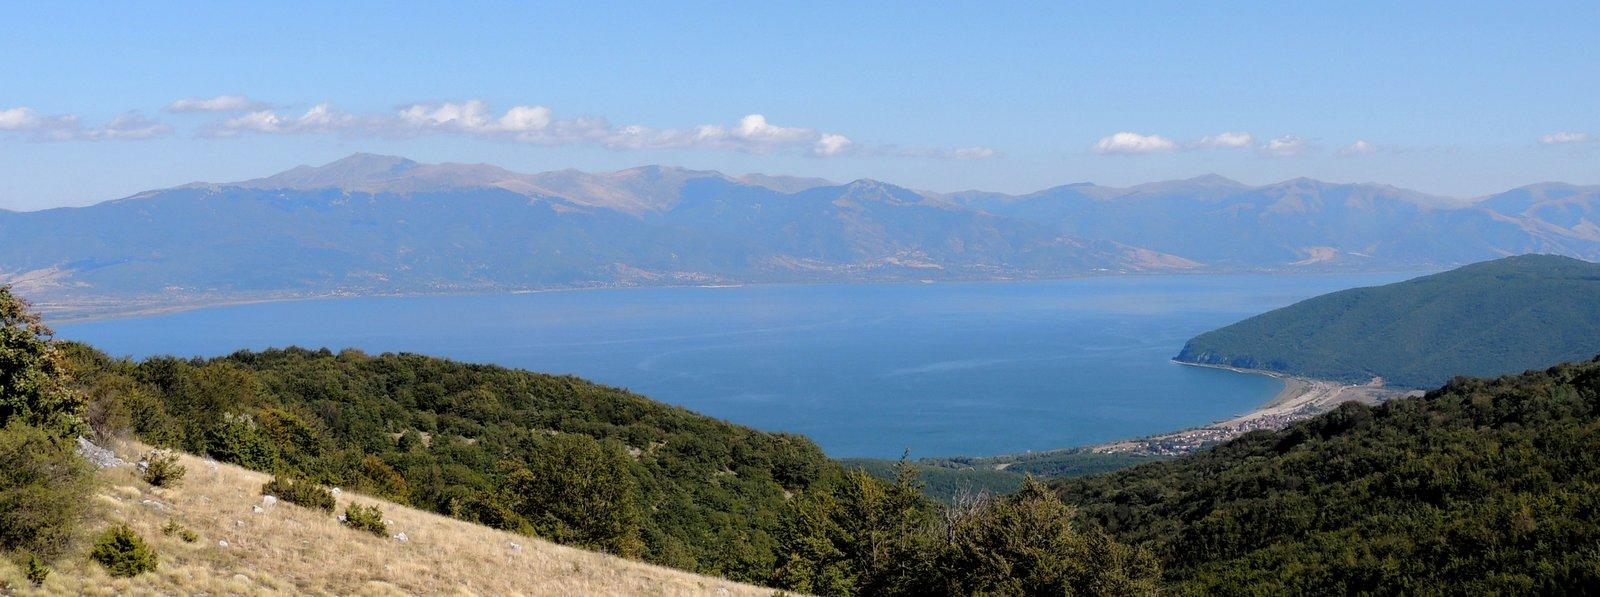 Der Große Prespa-See